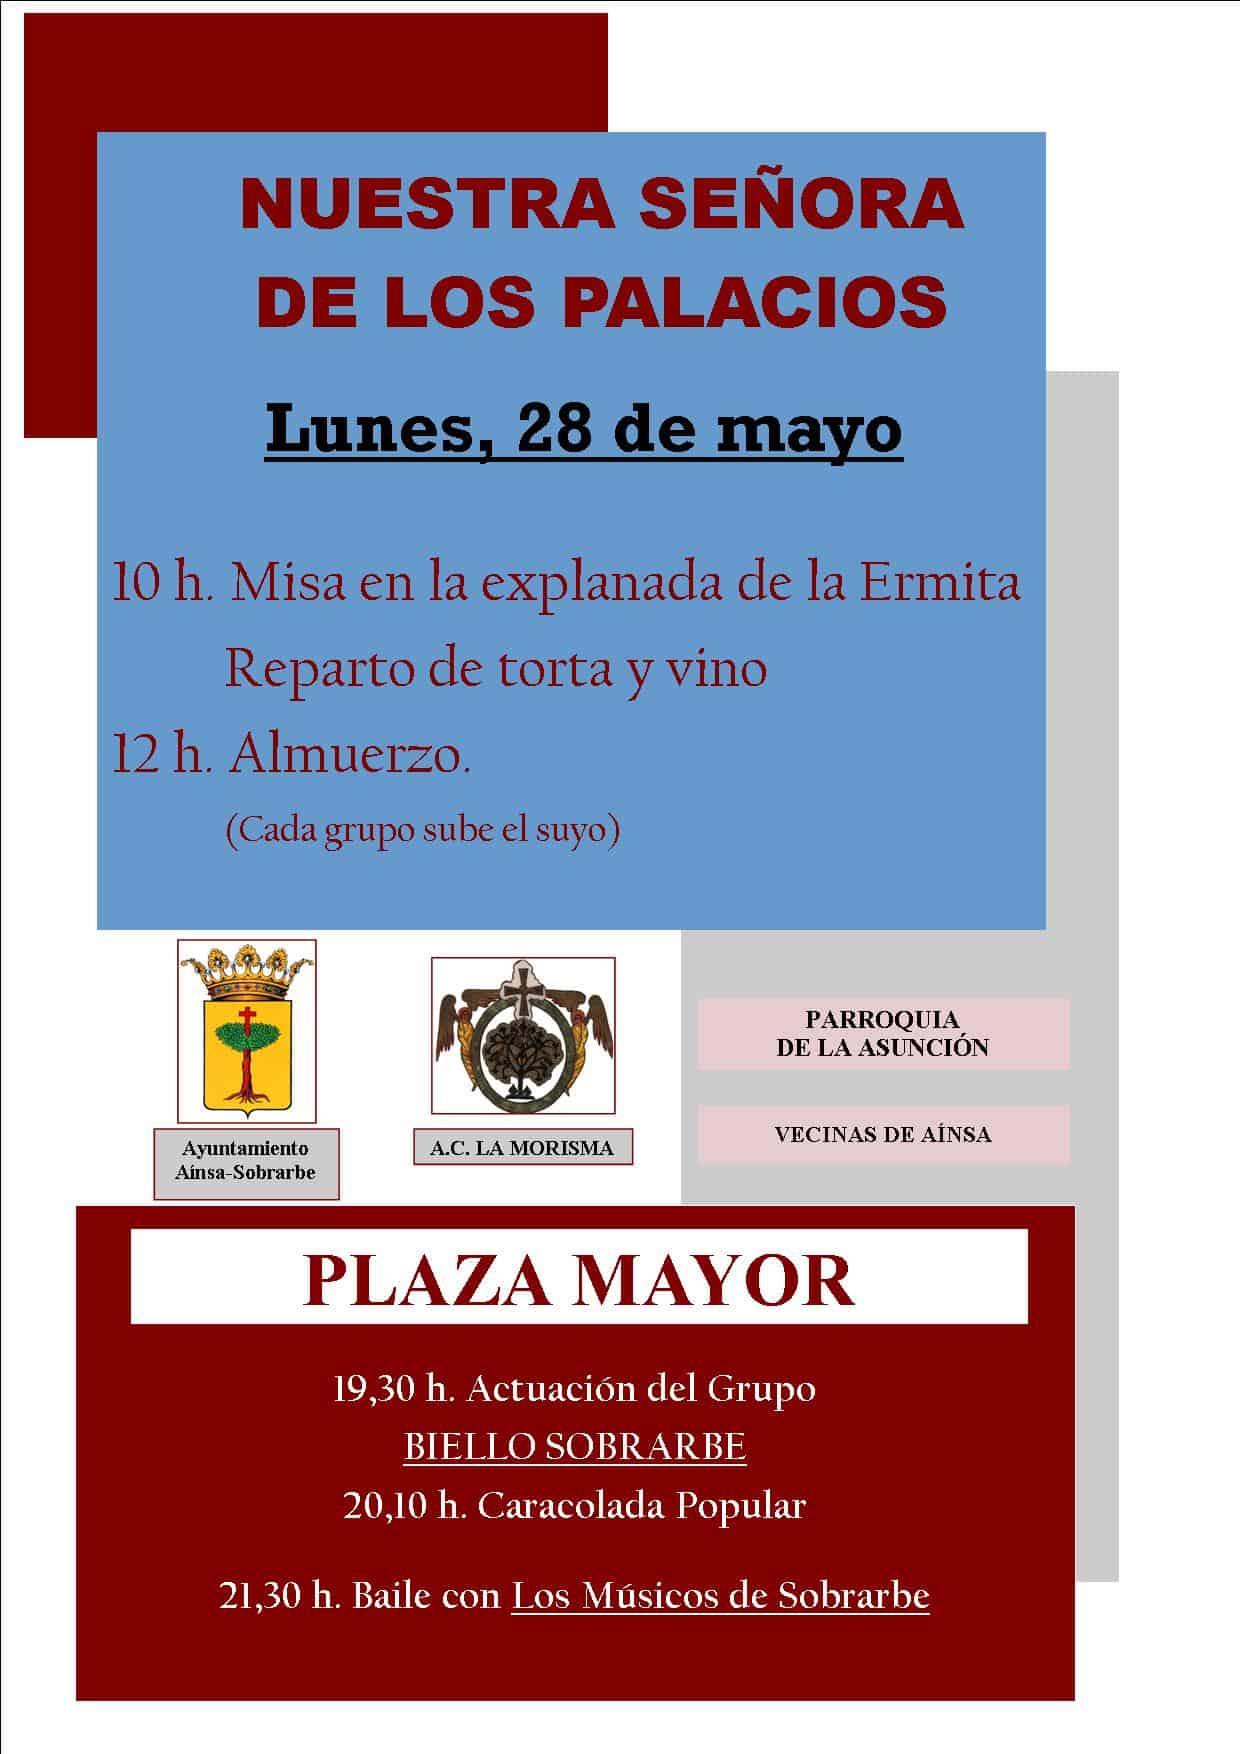 copia_de_palacioscartel12.jpg